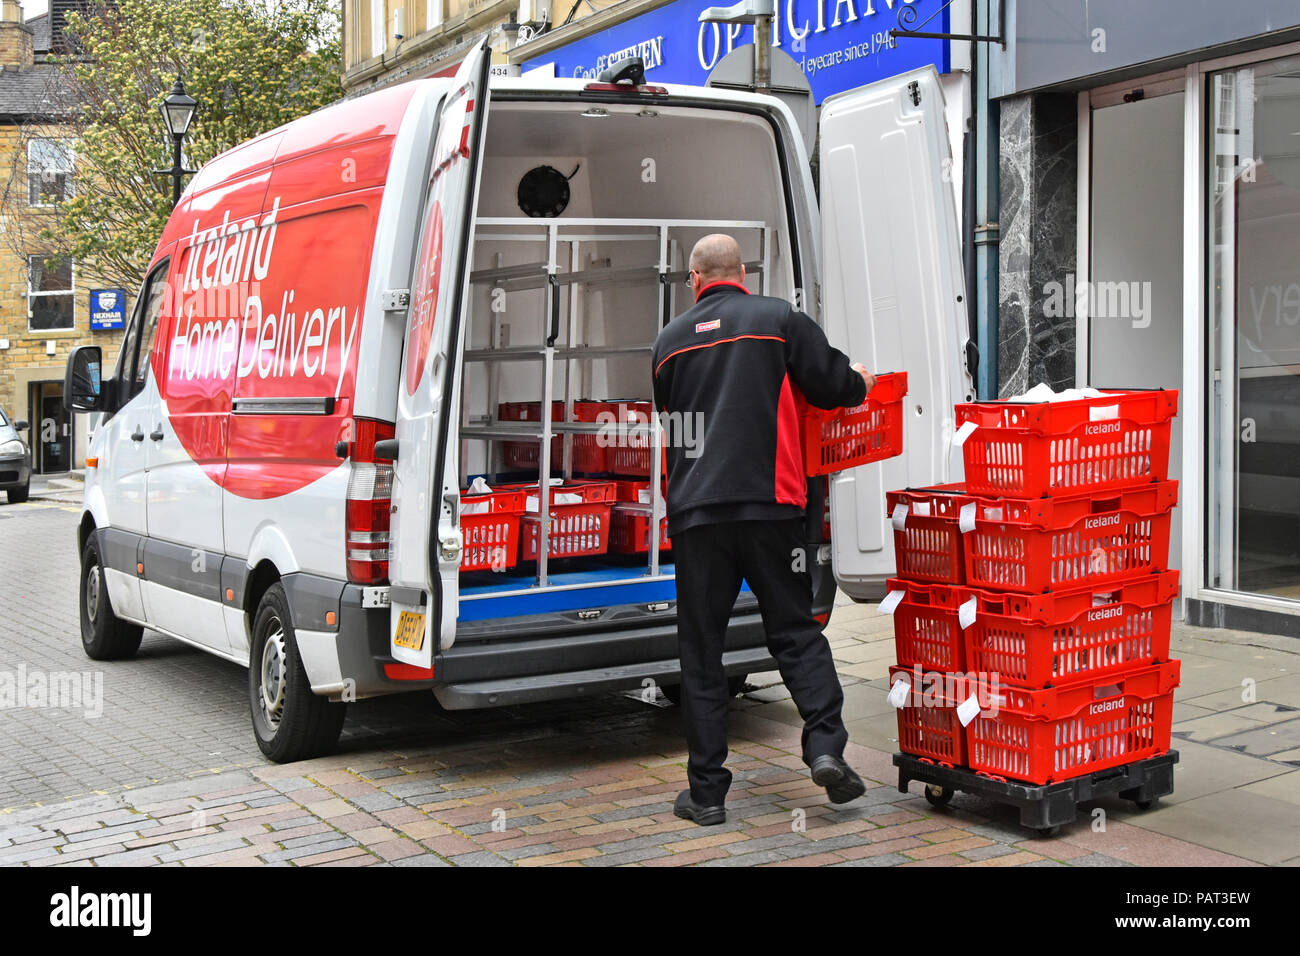 Treiber der Home delivery van Laden in der Gasse mit online Food shopping Bestellungen aus Island Supermarkt store in Haltwhistle Northumberland, England Stockbild